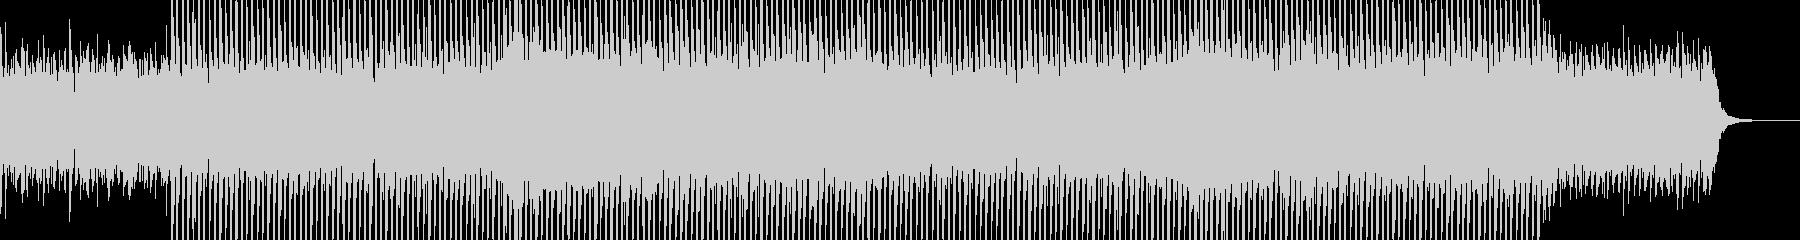 EDMクラブ系ダンスミュージック-36の未再生の波形